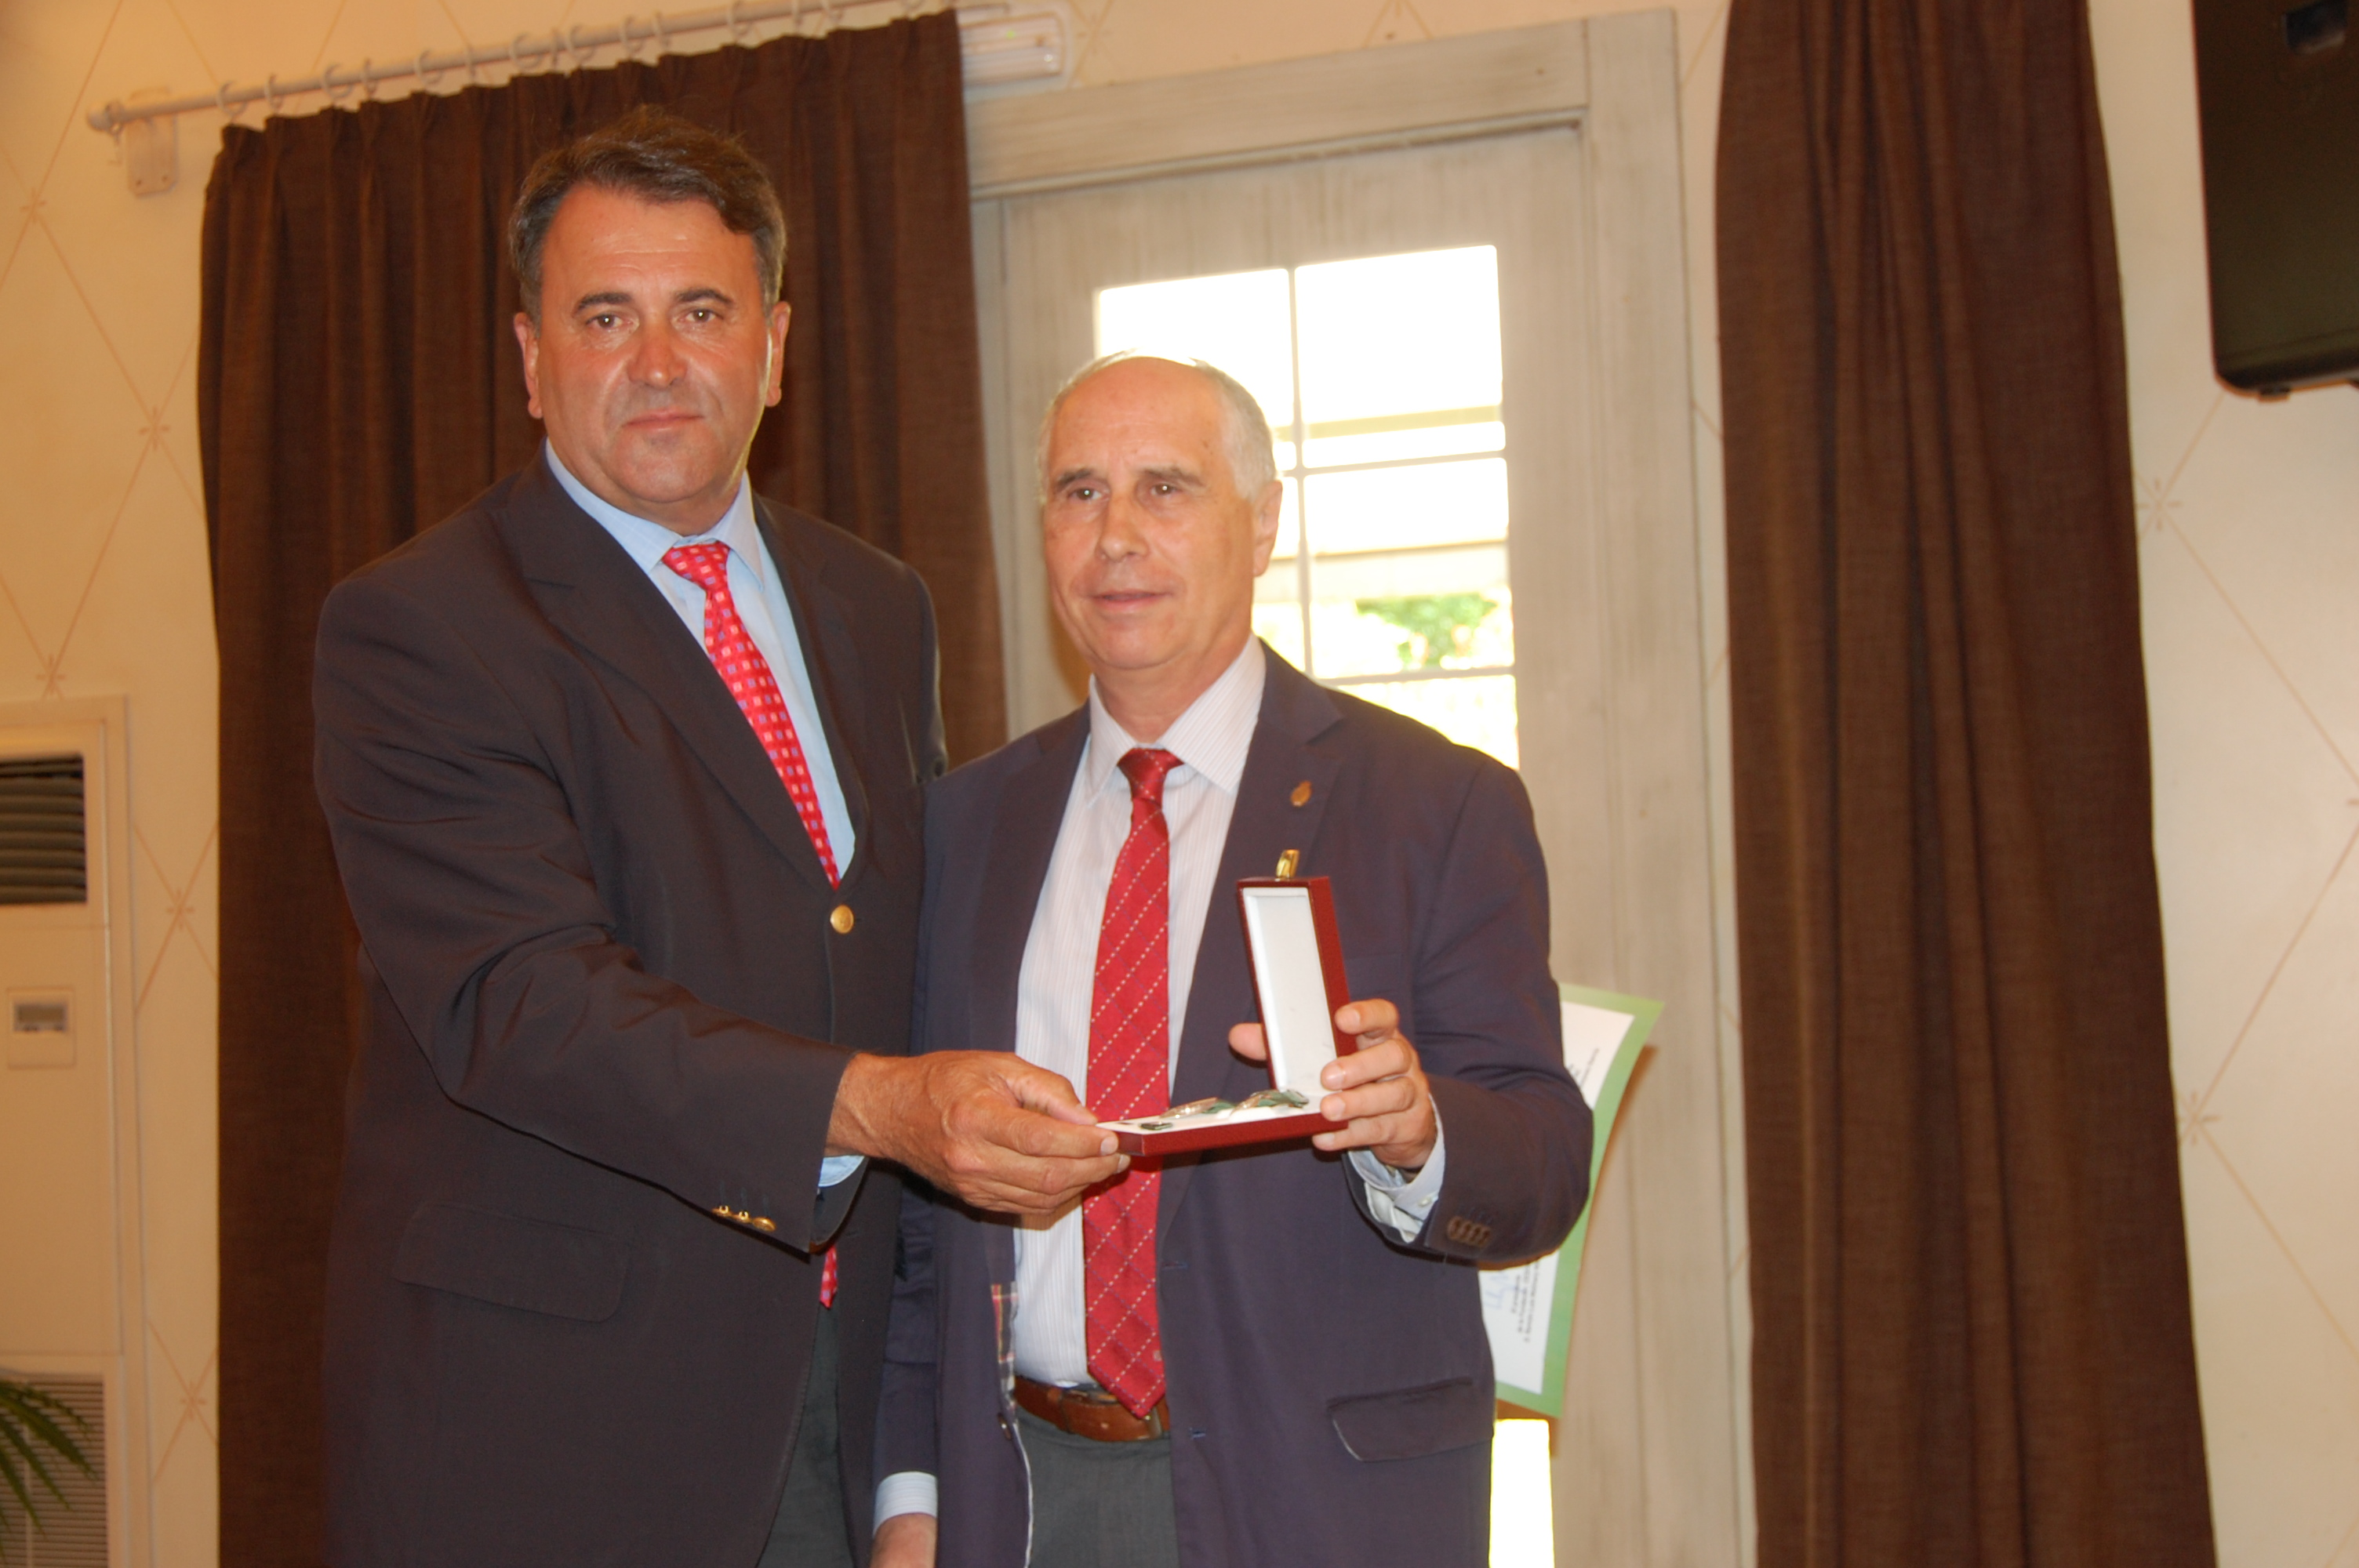 Entrega de la medalla a la RACVE (Real Academia de Ciencias Veterinarias de España)